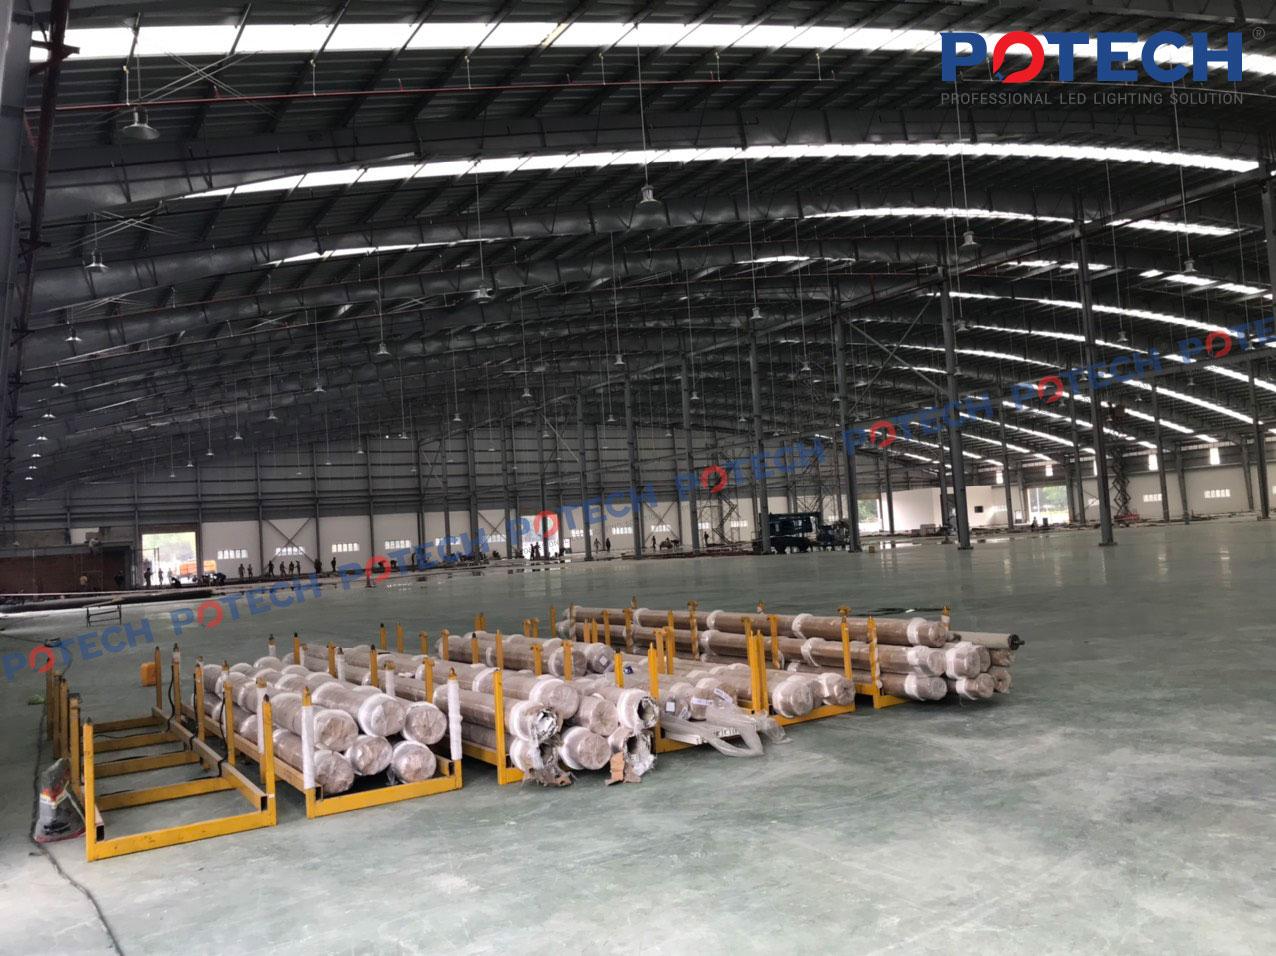 Đèn LED nhà xưởng, đèn pha LED POTECH - Nhà máy nhựa Tín An